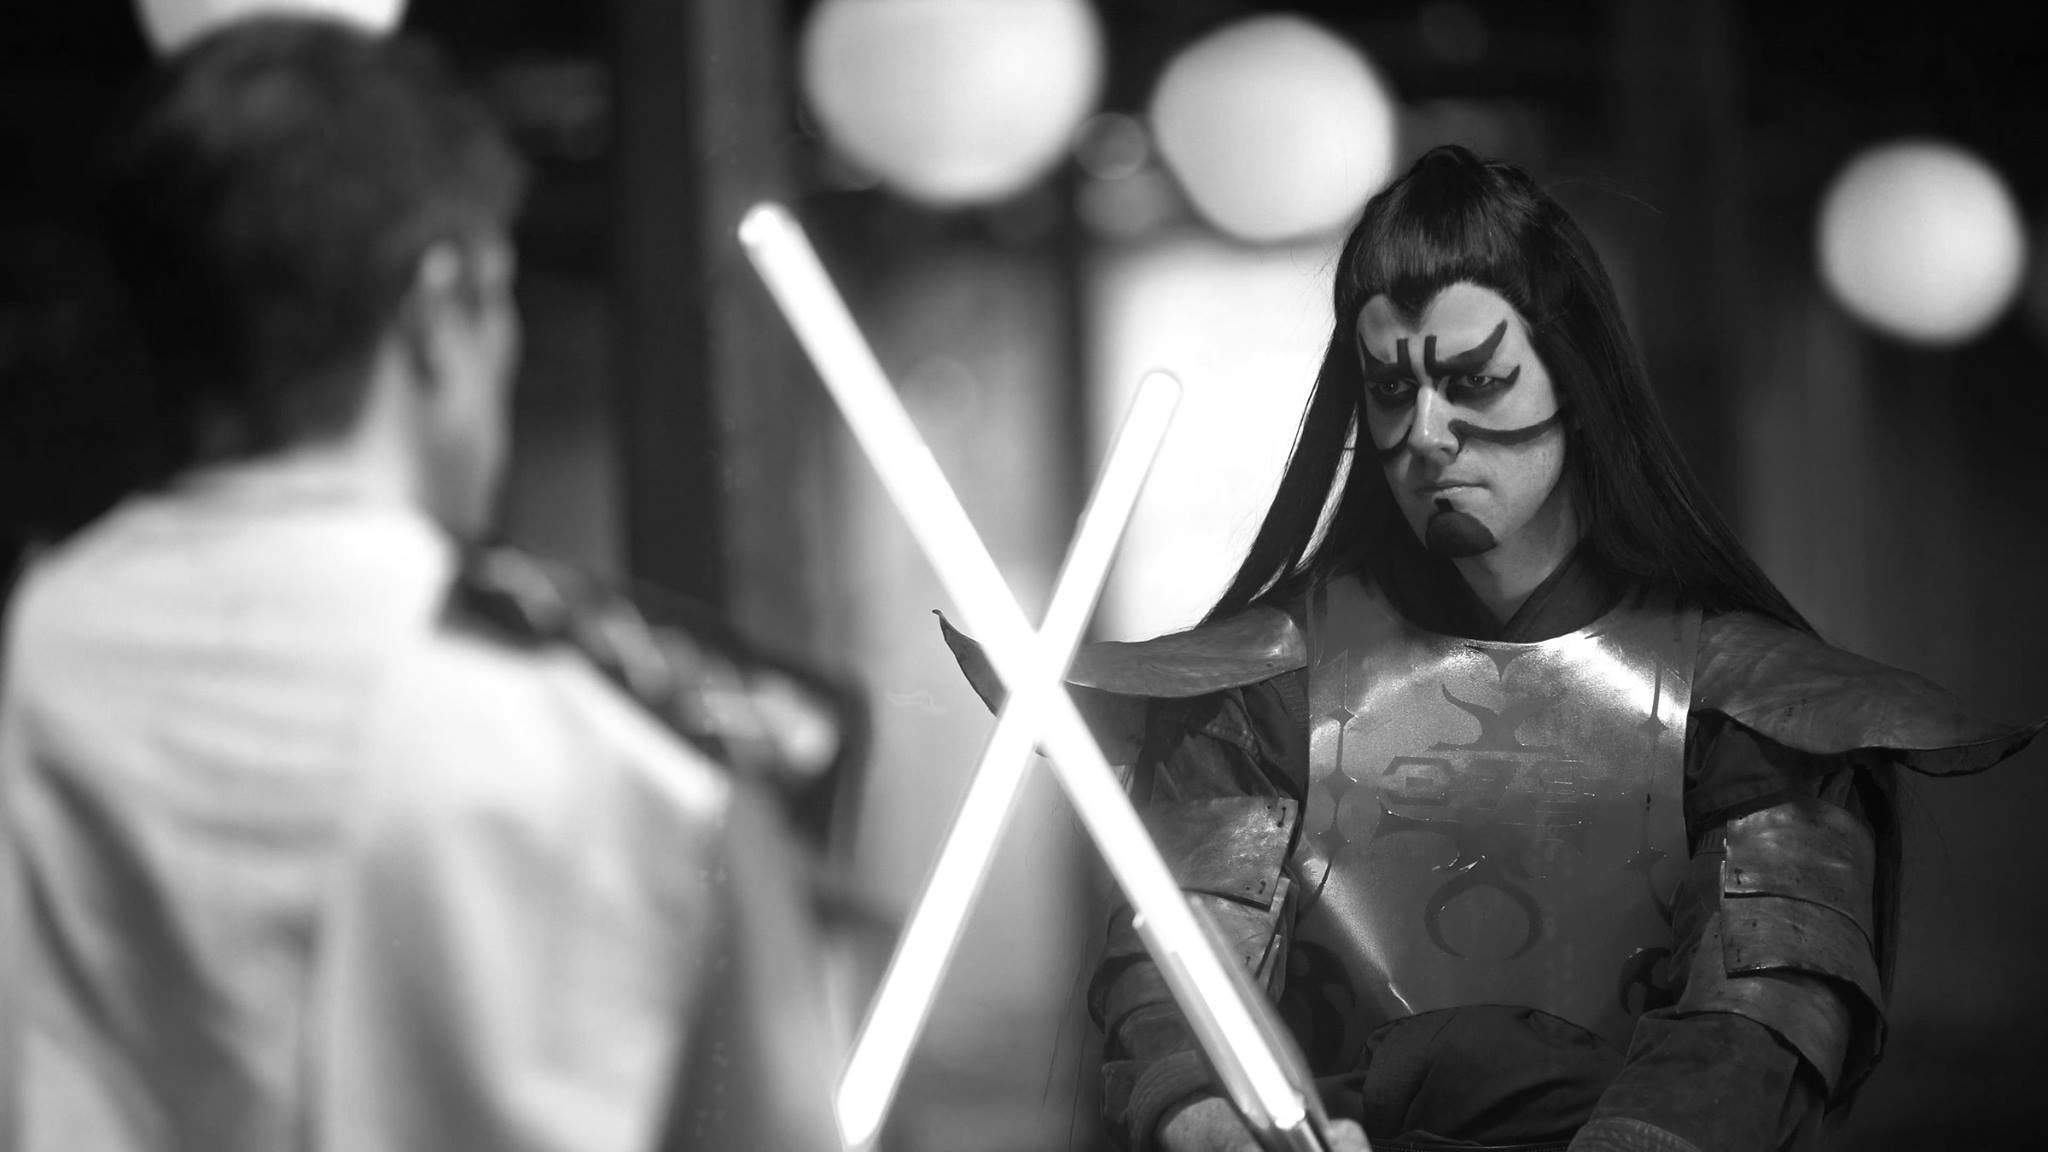 Star Wars Samurai The Blind Jedi 2016